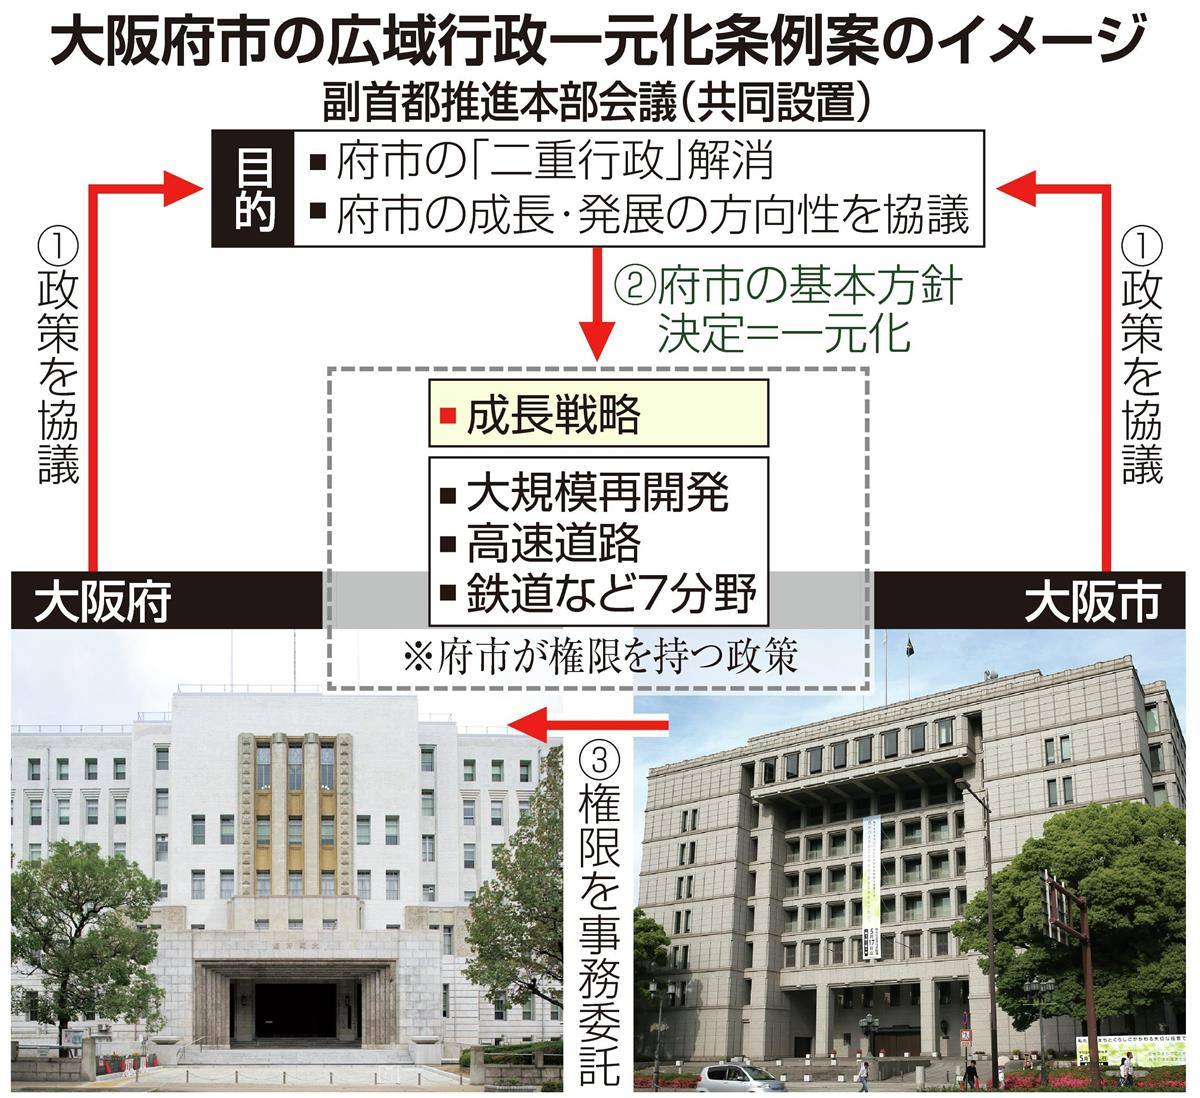 大阪府知事、一元化条例案を提案 「成長を強力に推進」